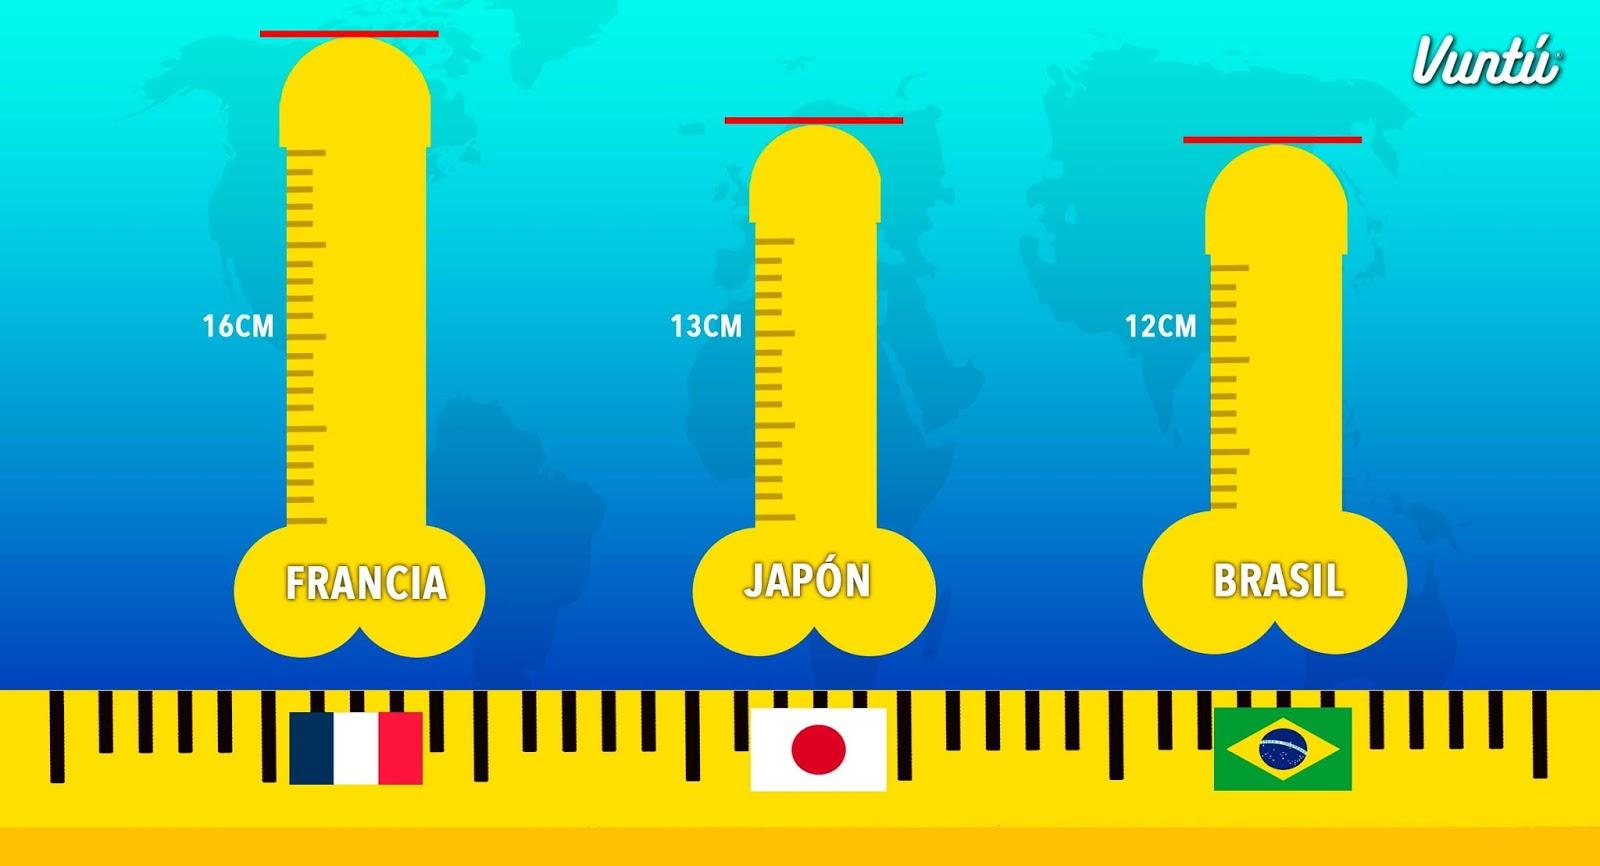 cuanto mide el pene promedio del hombre